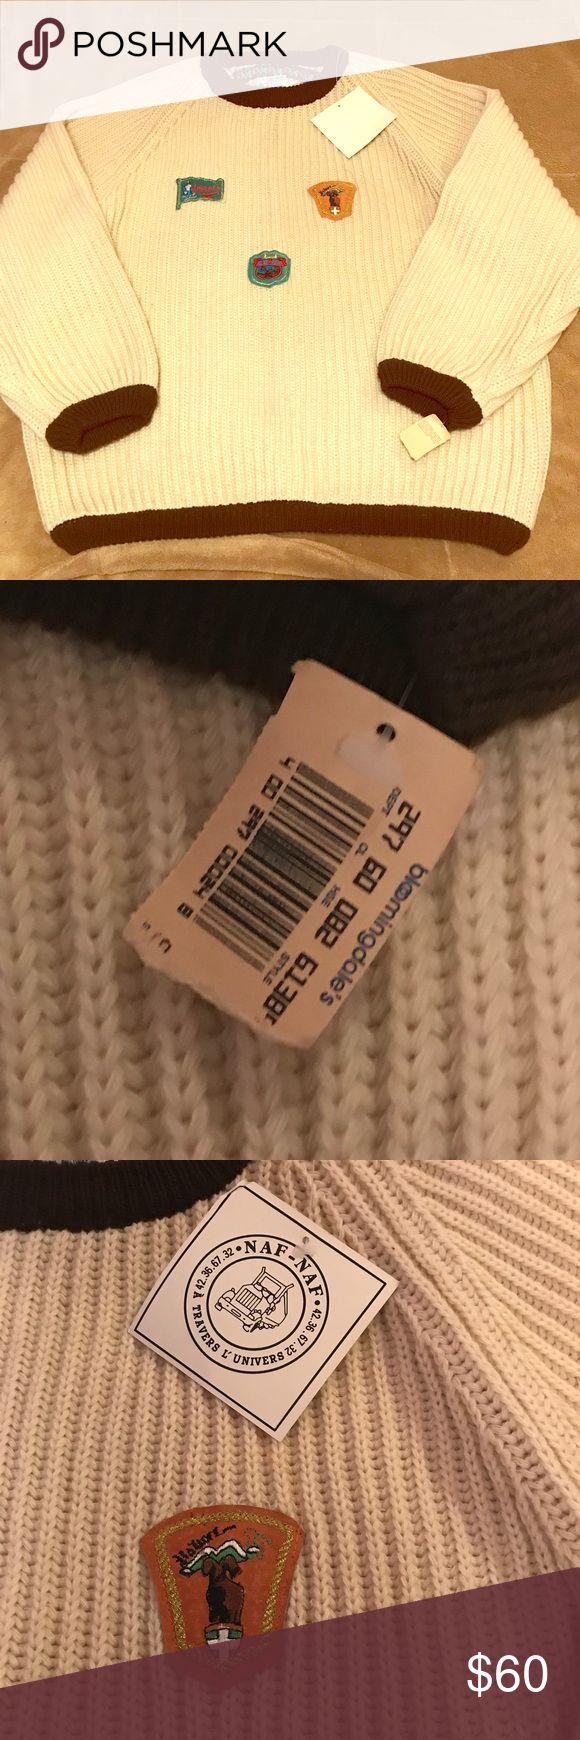 NAF NAF Vintage Oversized Sweater 80's Vintage Sweater NWT NAF NAF Sweaters